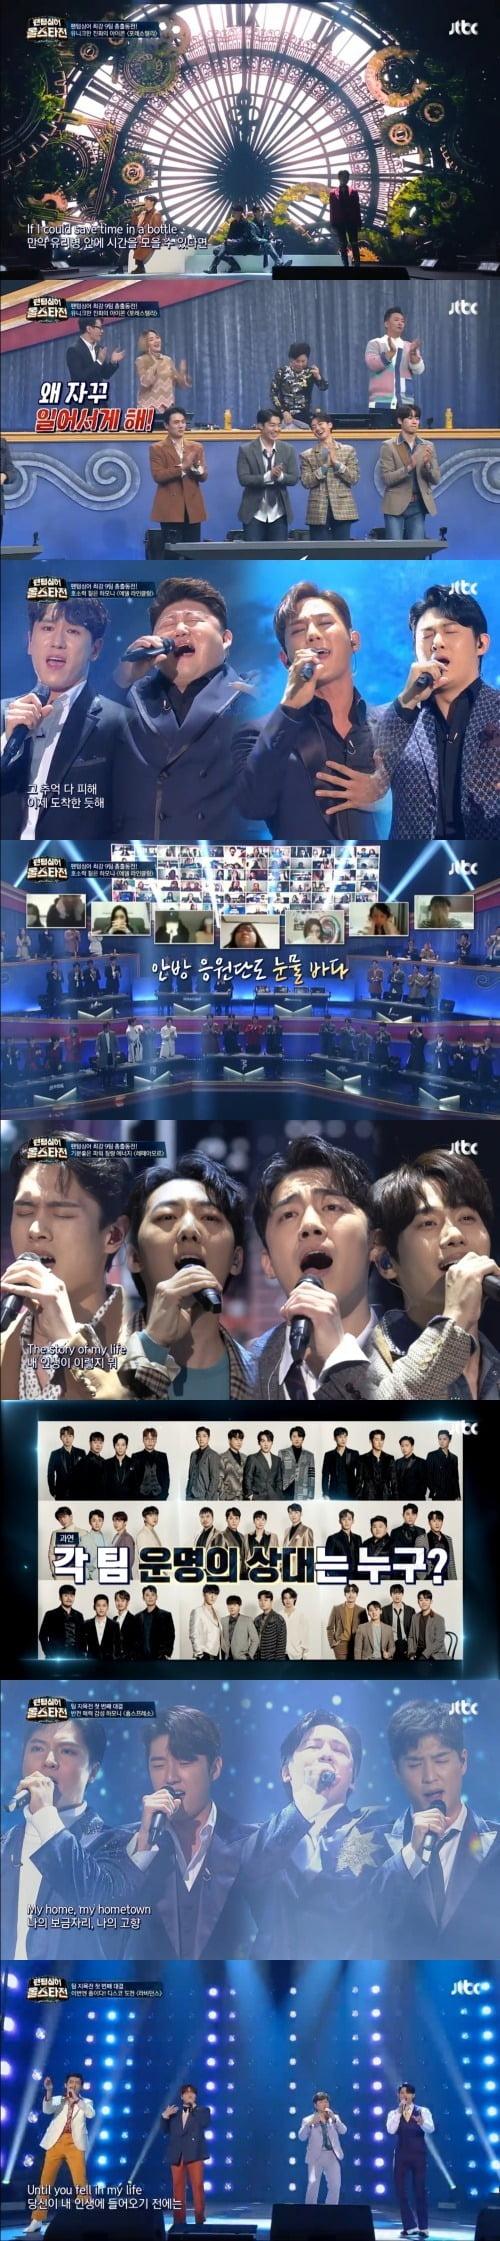 사진=JTBC '팬텀싱어 올스타전' 방송 화면.